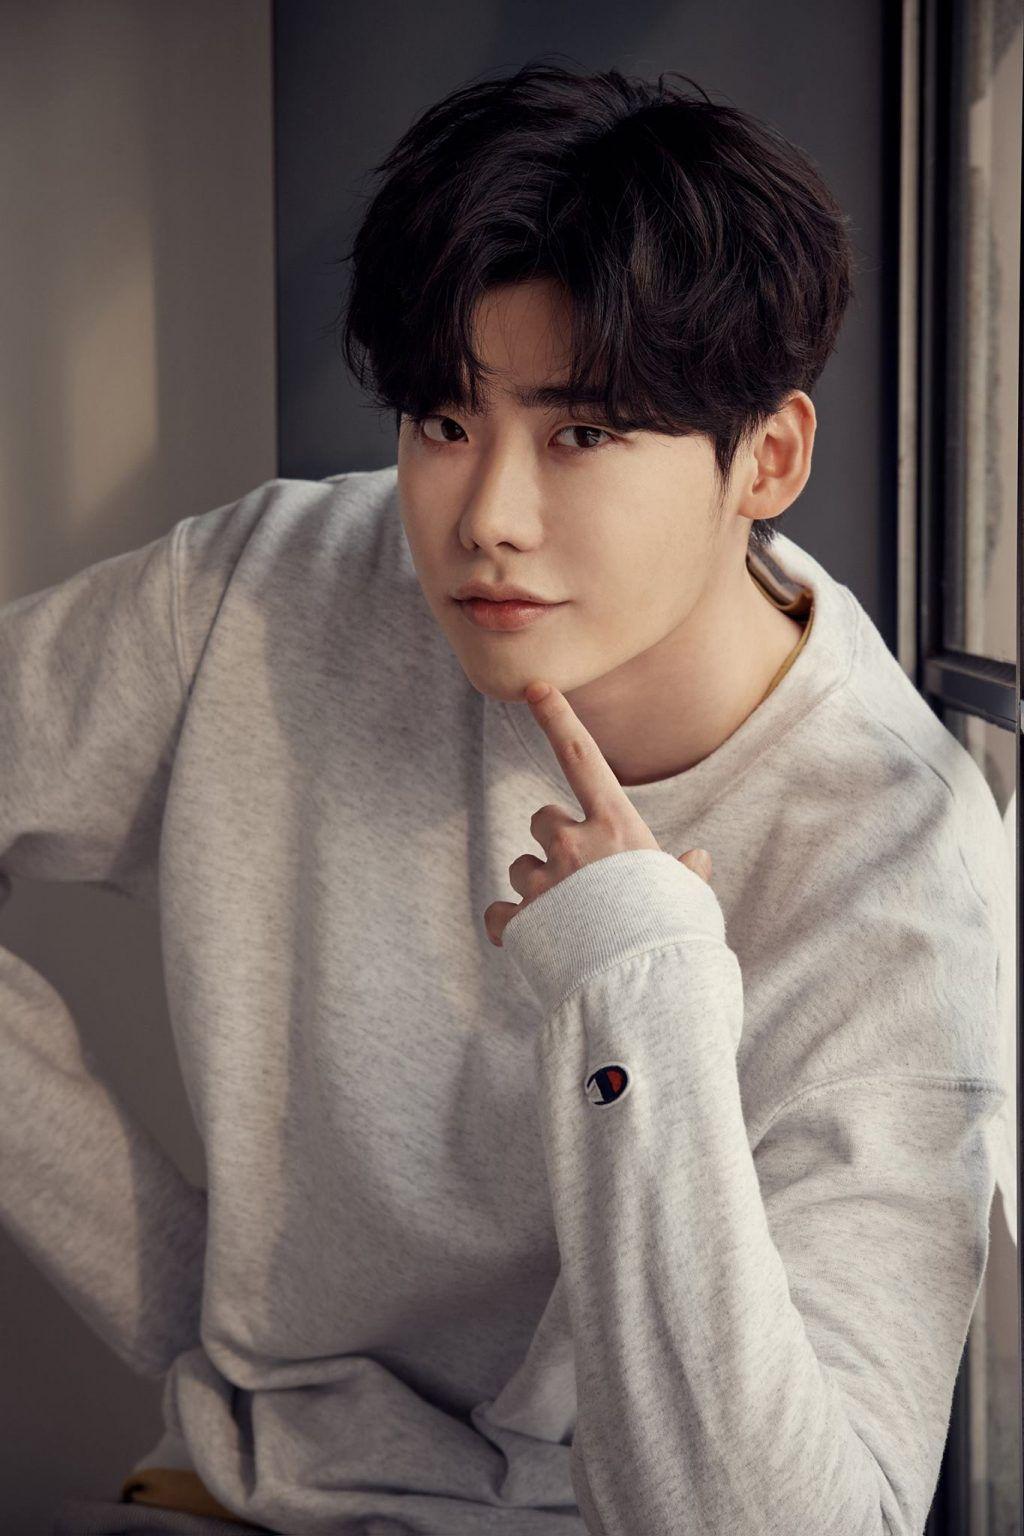 Actores Coreanos Guapos Kpop Listas Listados Top Tops Usuarios Los Mejores Actores Coreanos Más Populares Y Guapos Los Lee Jong Suk Jong Suk Lee Joon